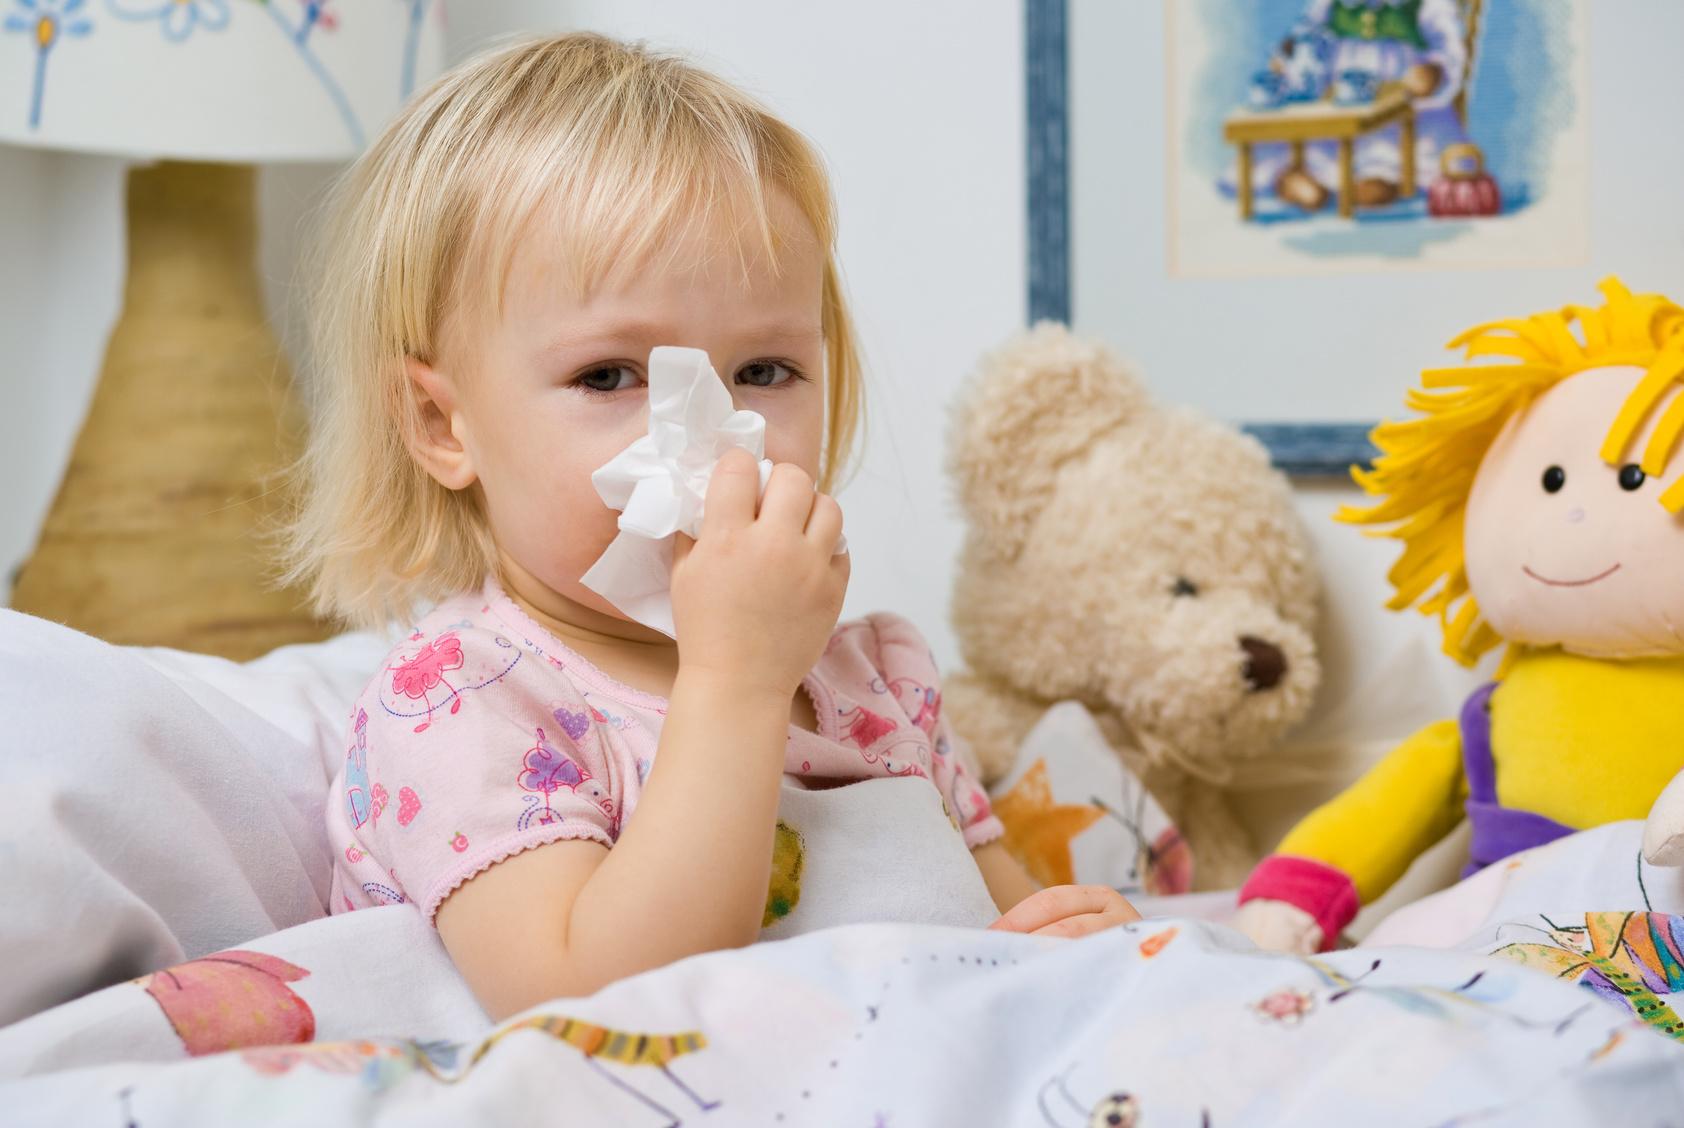 Грипп, несмотря на достаточно «легкие» симптомы, представляет собой серьезное заболевание, в особенности для маленьких детей